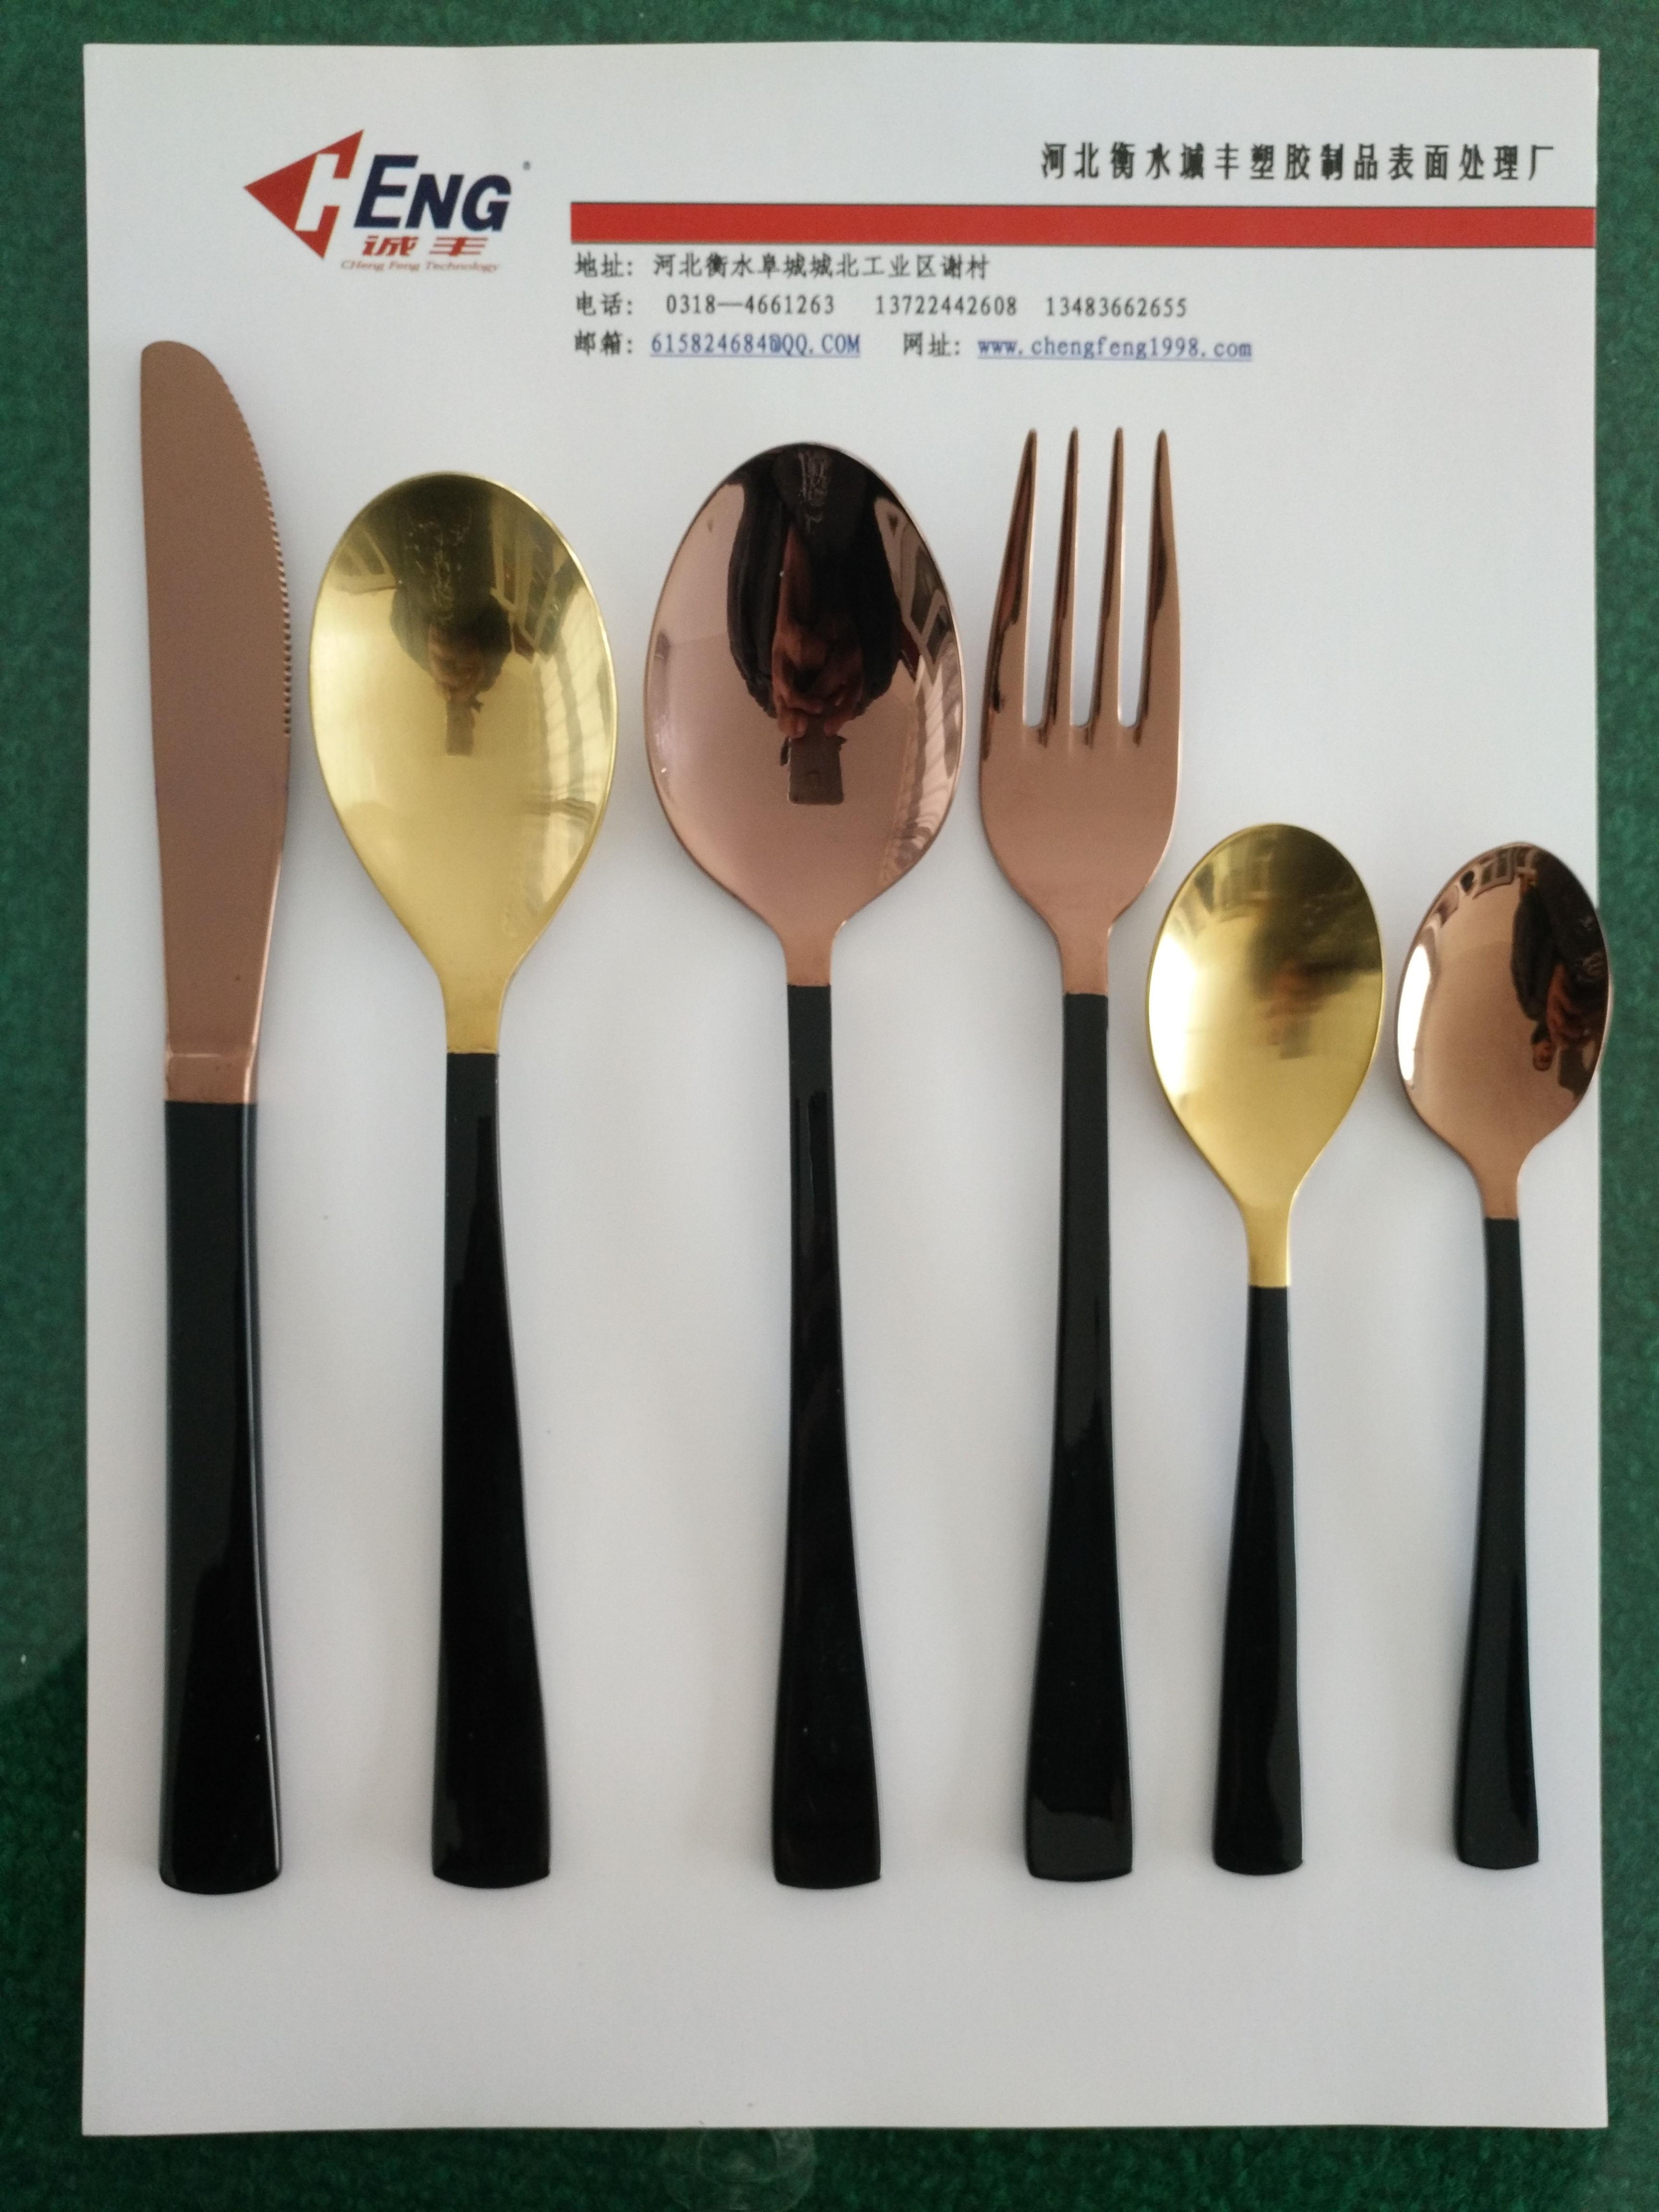 刀叉餐具河北烤漆电镀加工  衡水阜城塑料电镀生产厂家